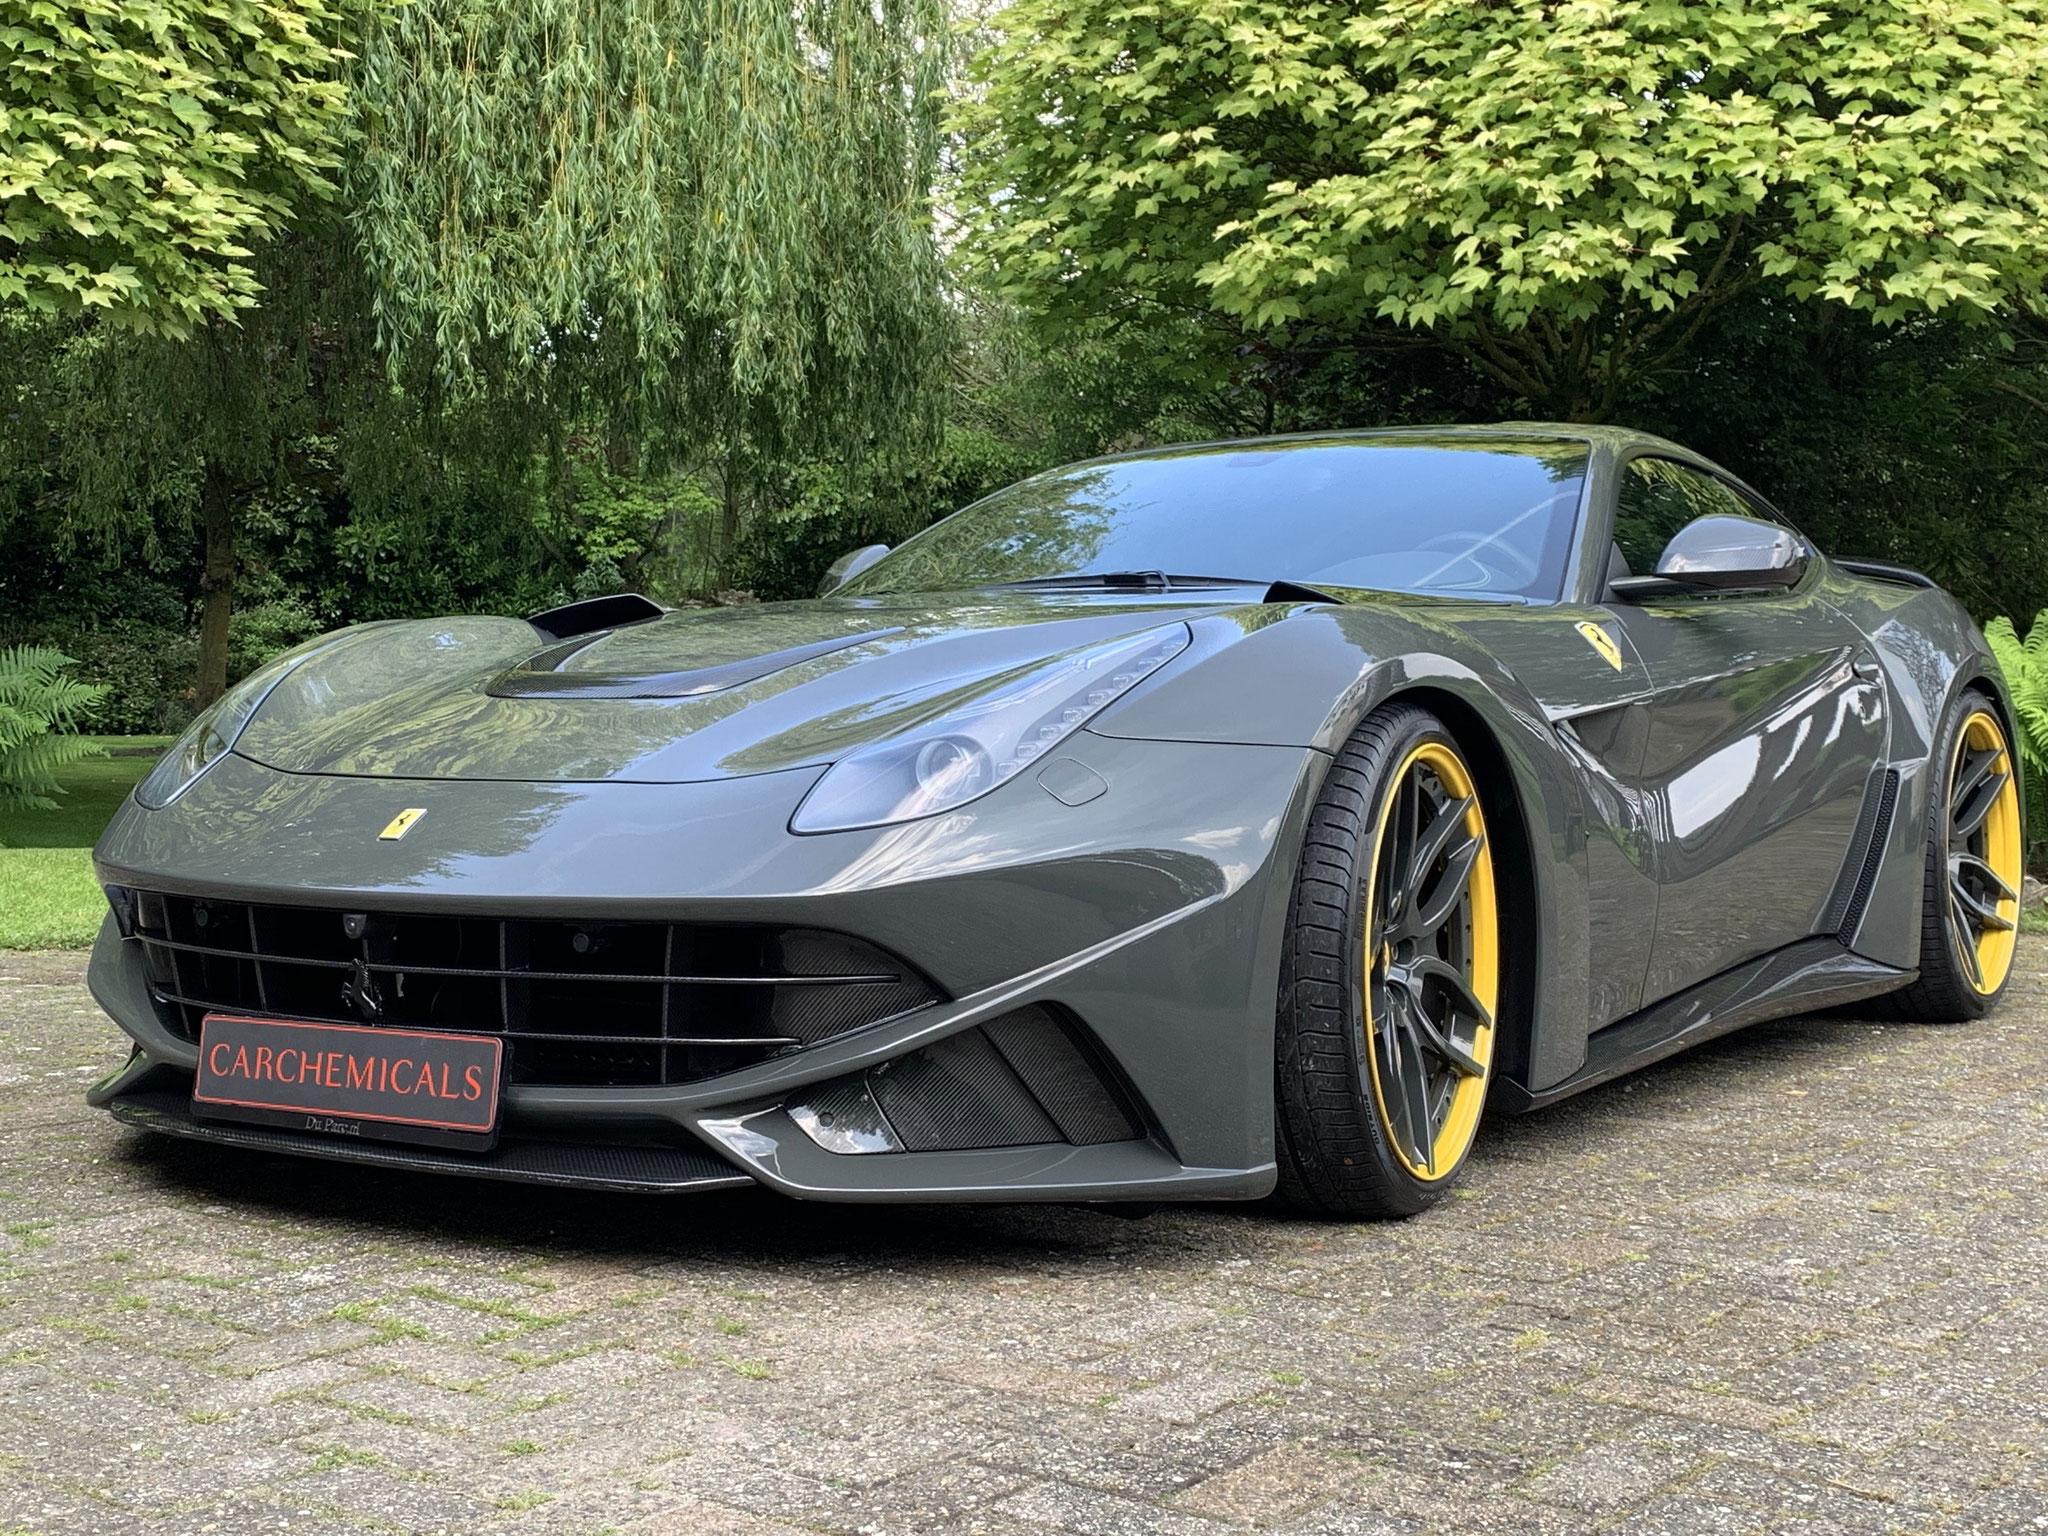 Ferrari N Largo Novitec 1/15 stuks op de wereld, beschermd door IGL Coatings Kenzo, Trim, Wheel, BBQ, Headlight